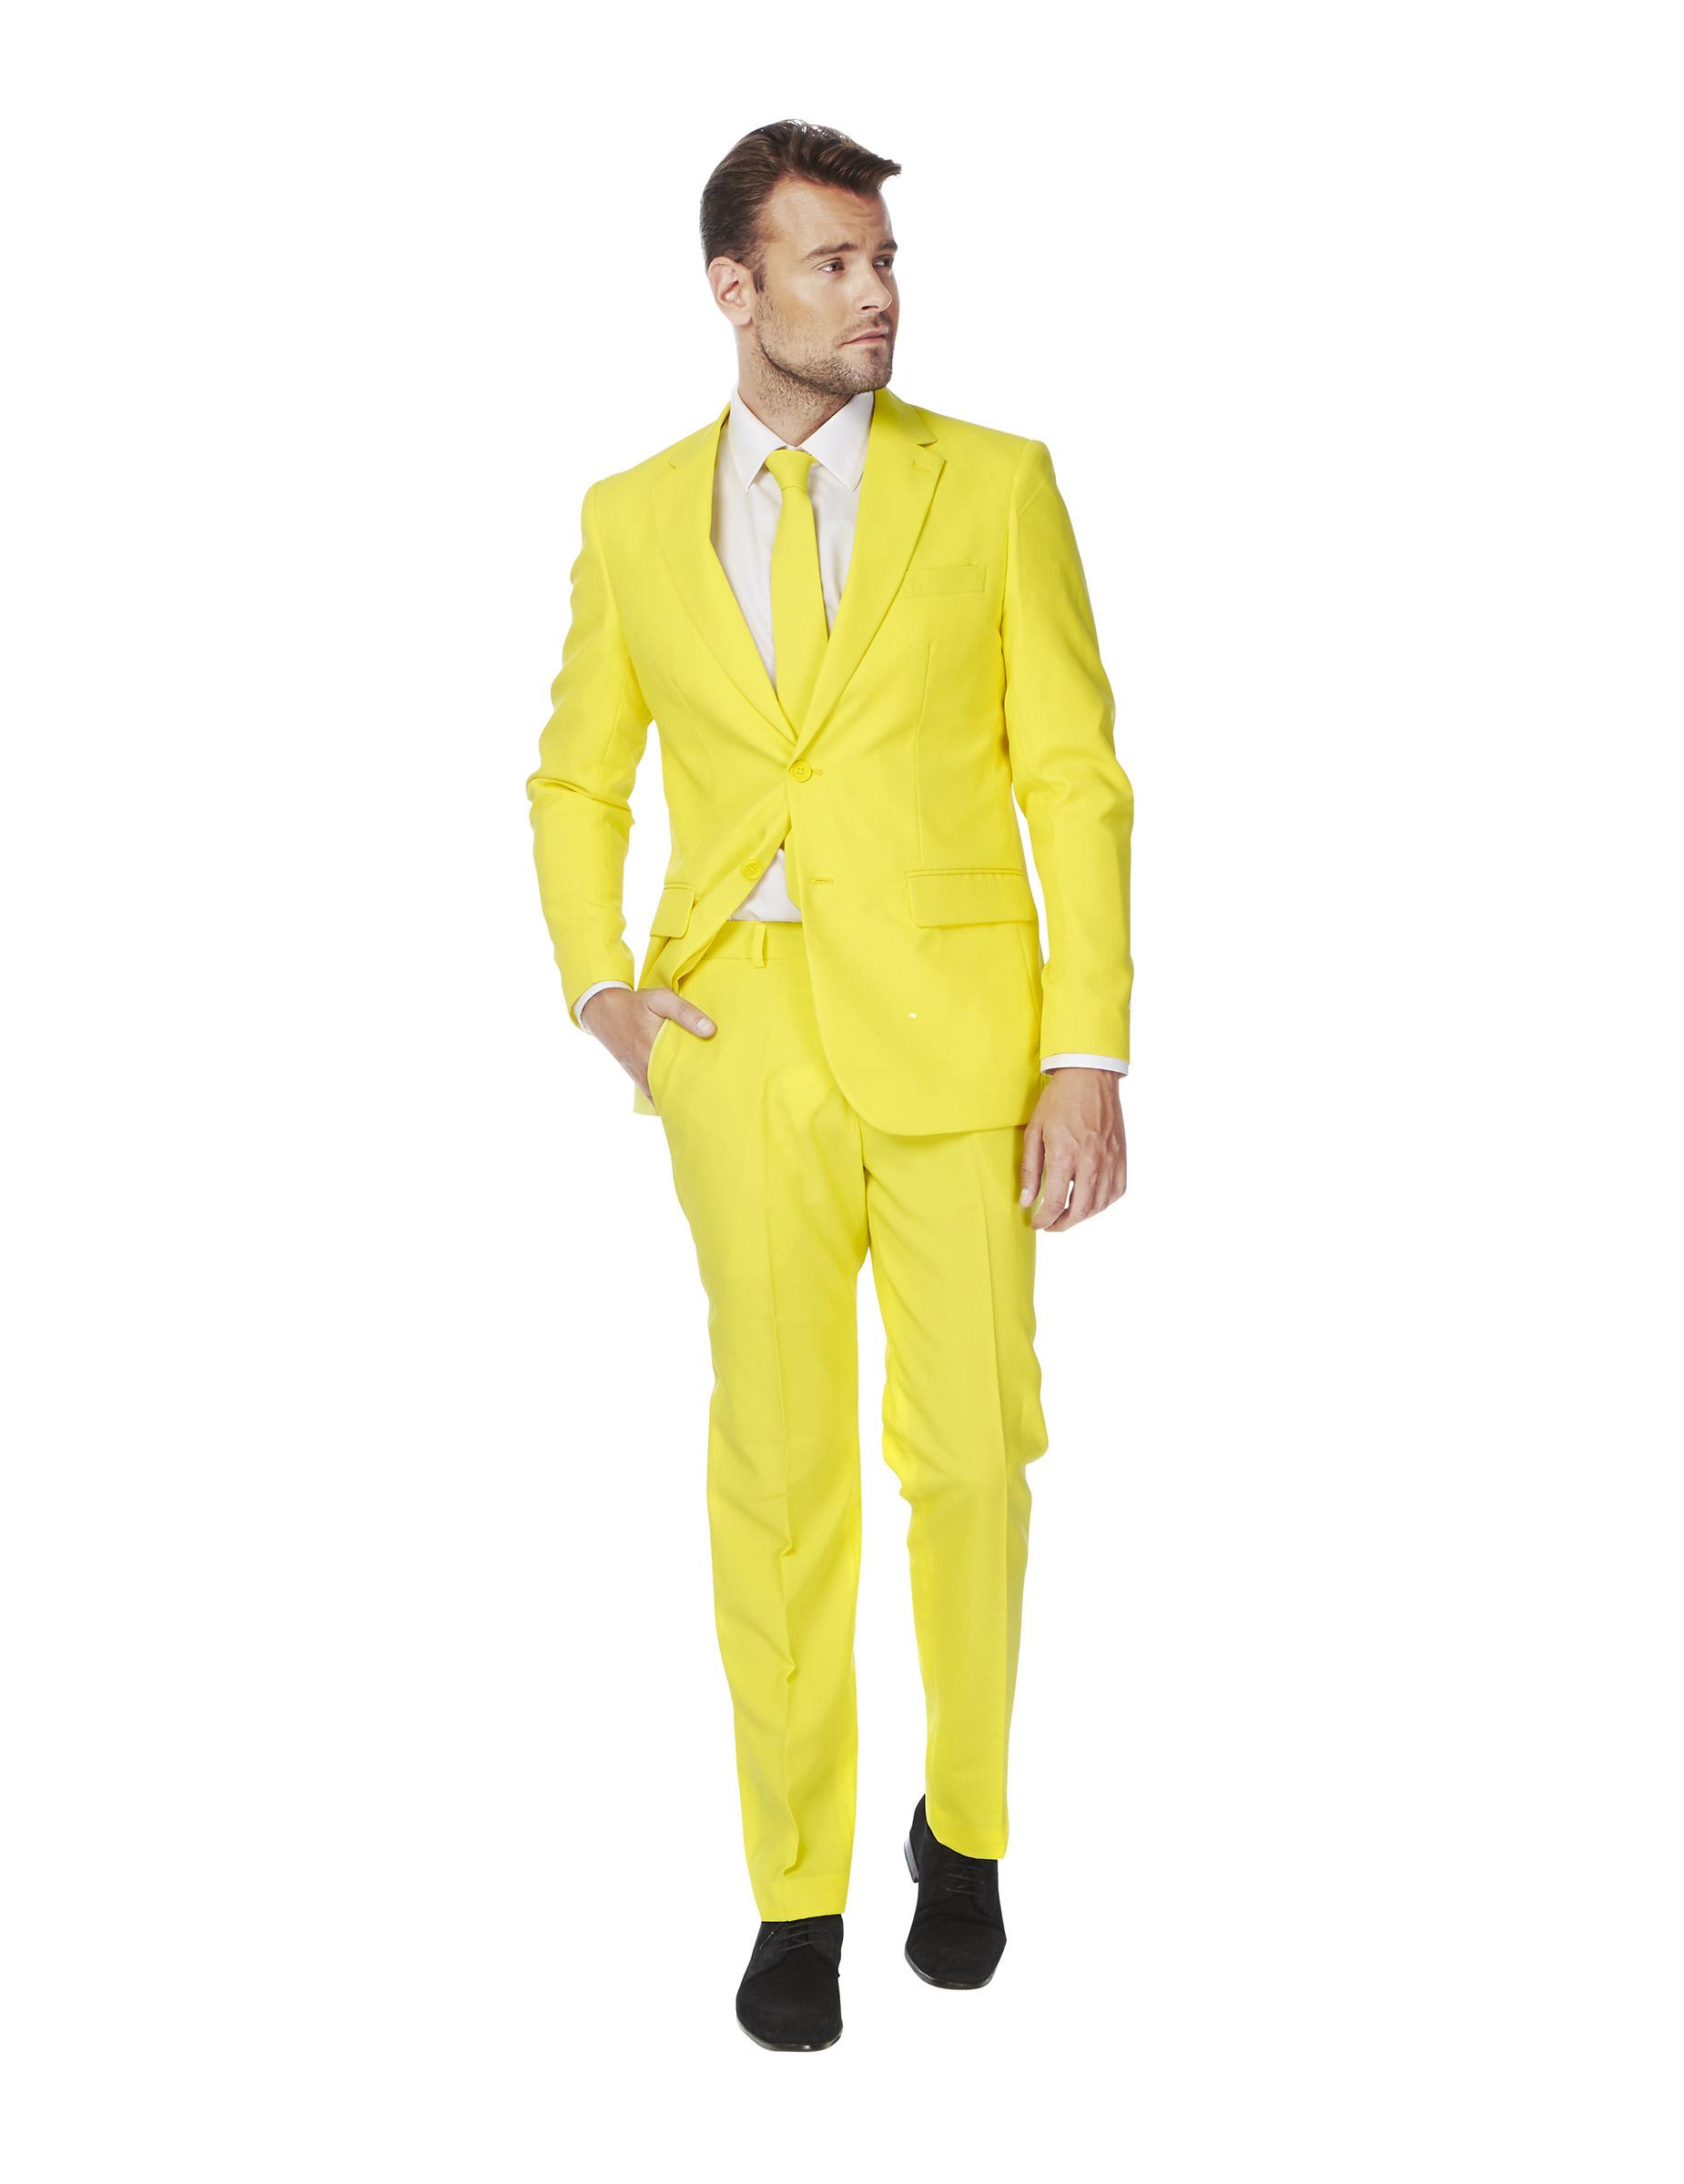 Vestiti Eleganti Uomo Colorati.Abito Uomo Da Science Opposuits 134c1737 Naijamafia Com